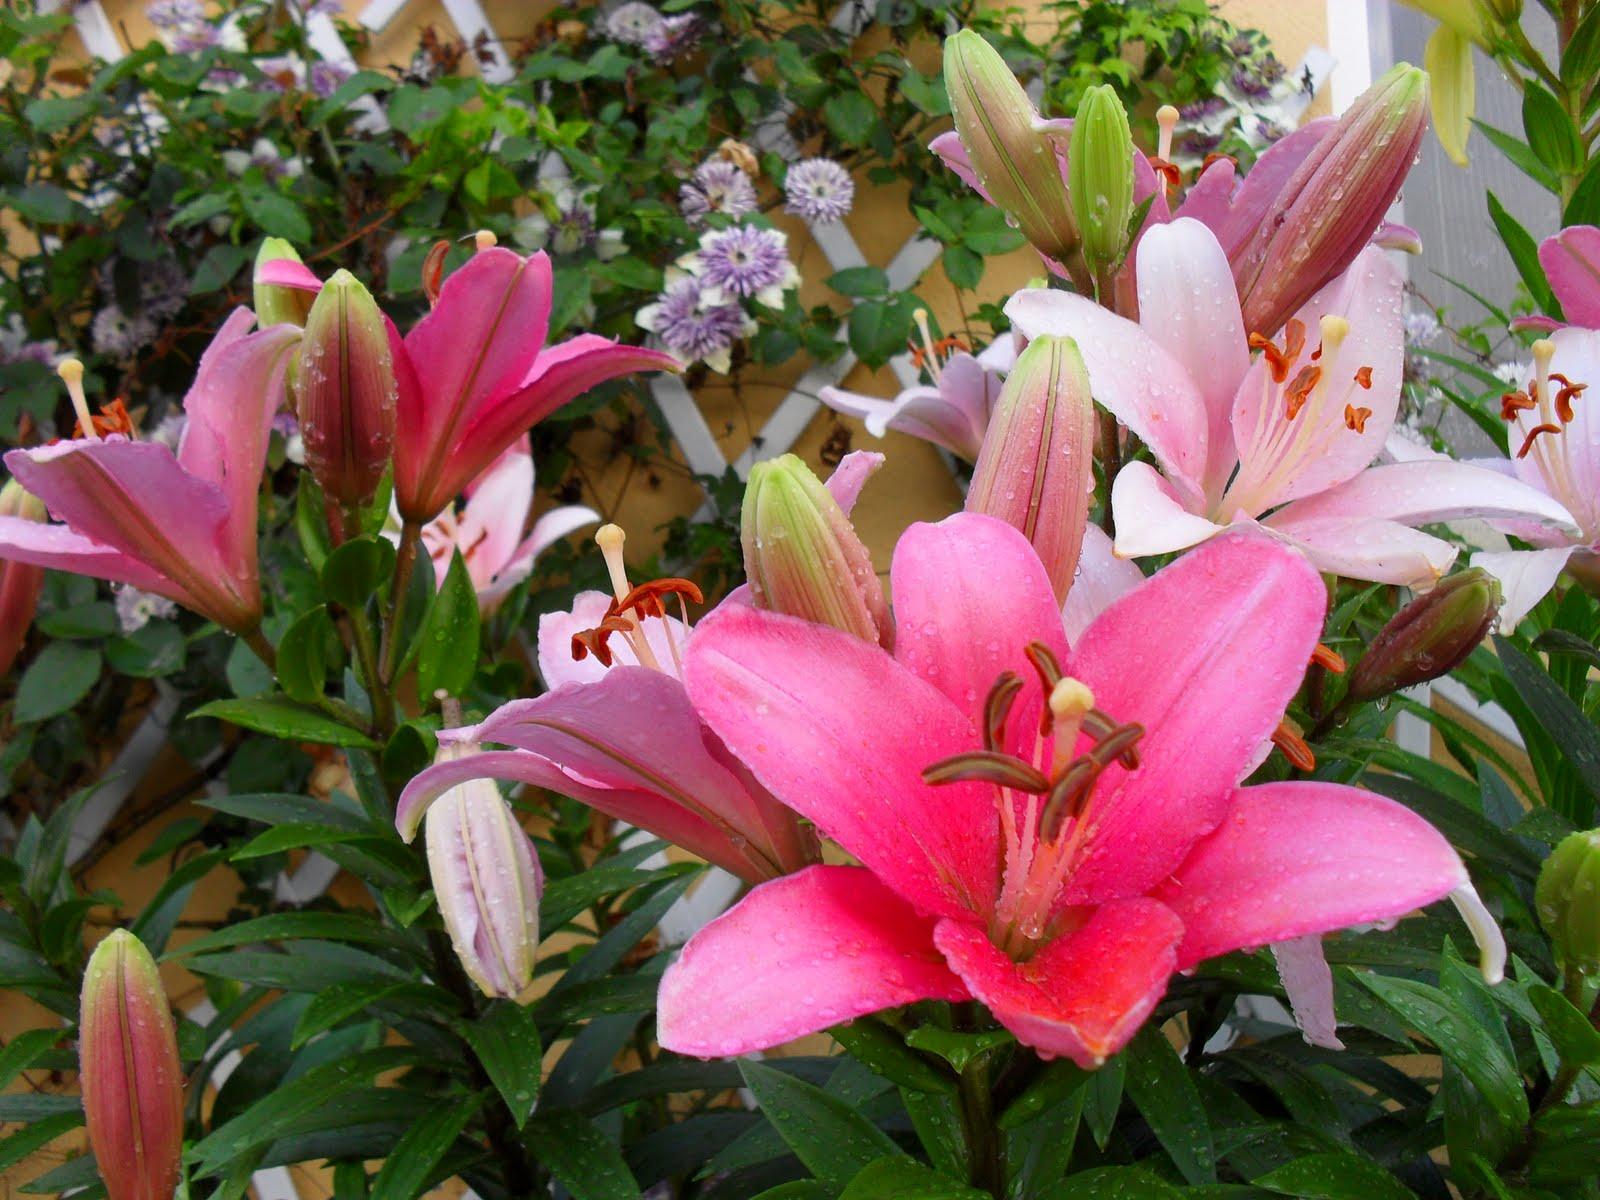 Arte y jardiner a flores y plantas de arte y jardiner a for Hierba jardin